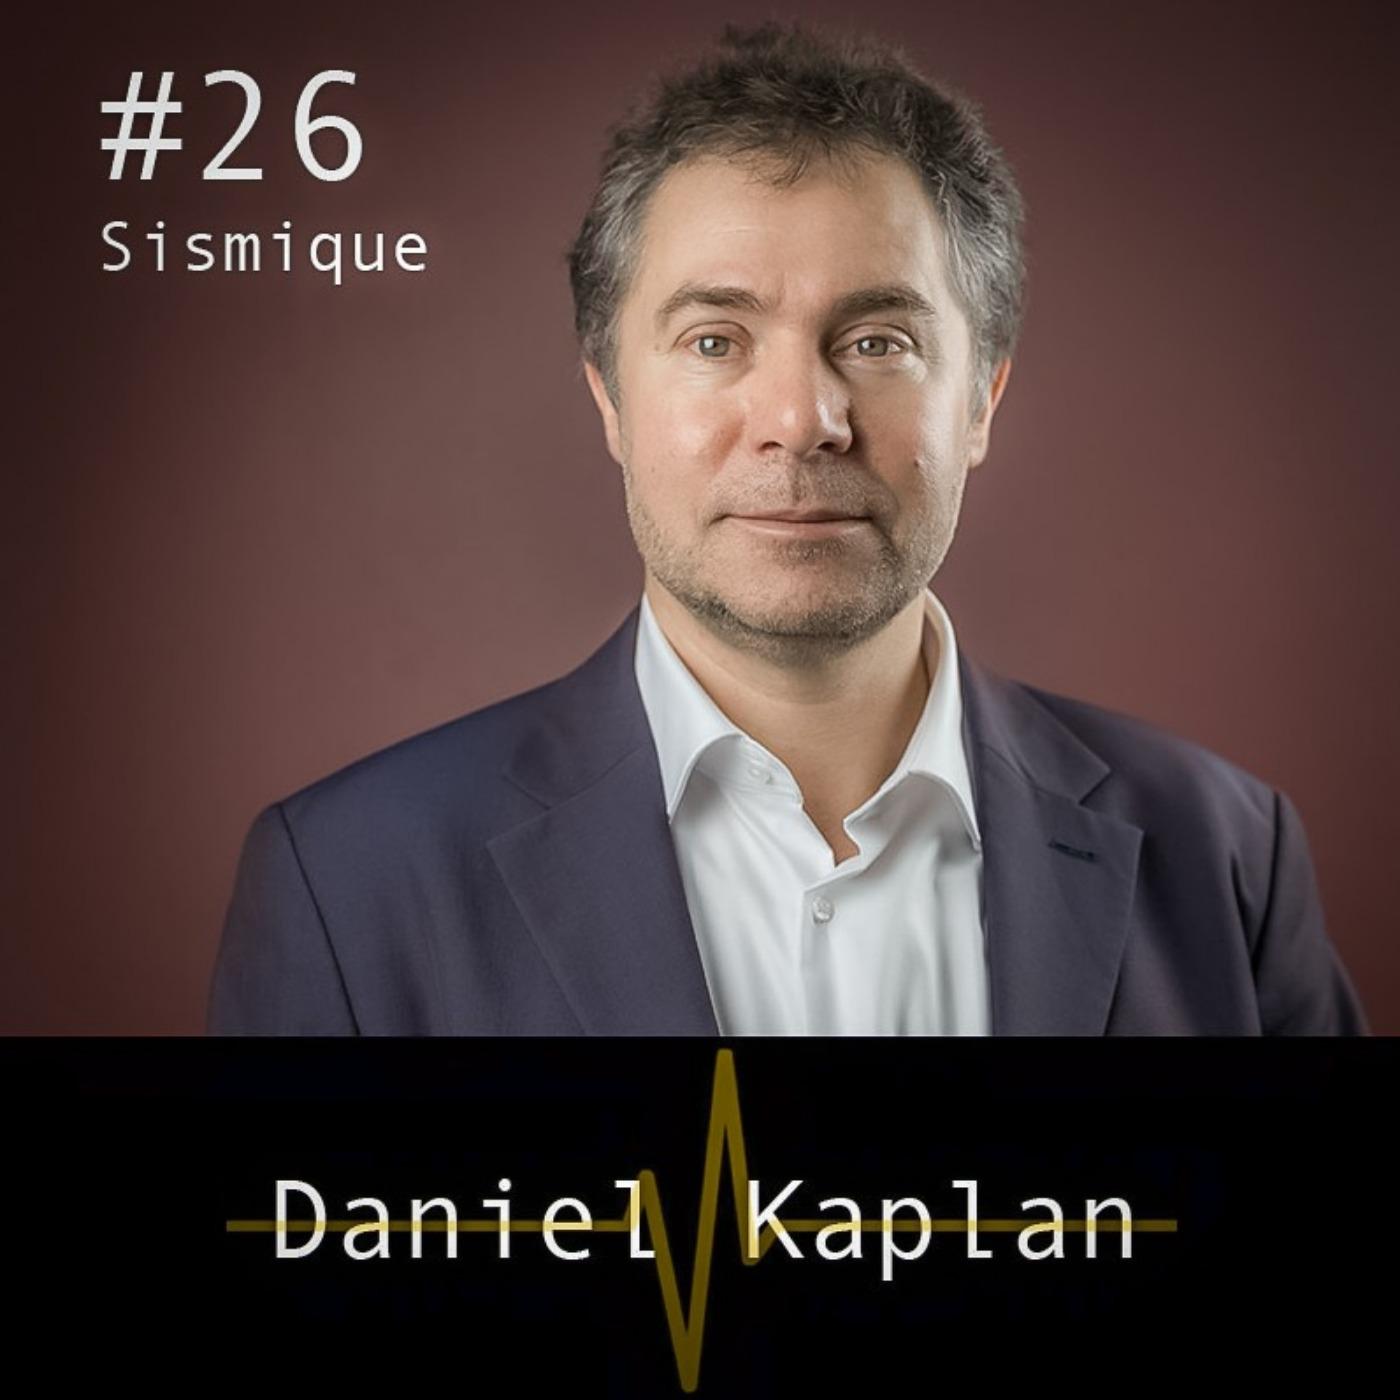 Ouvrir les imaginaires - Daniel Kaplan